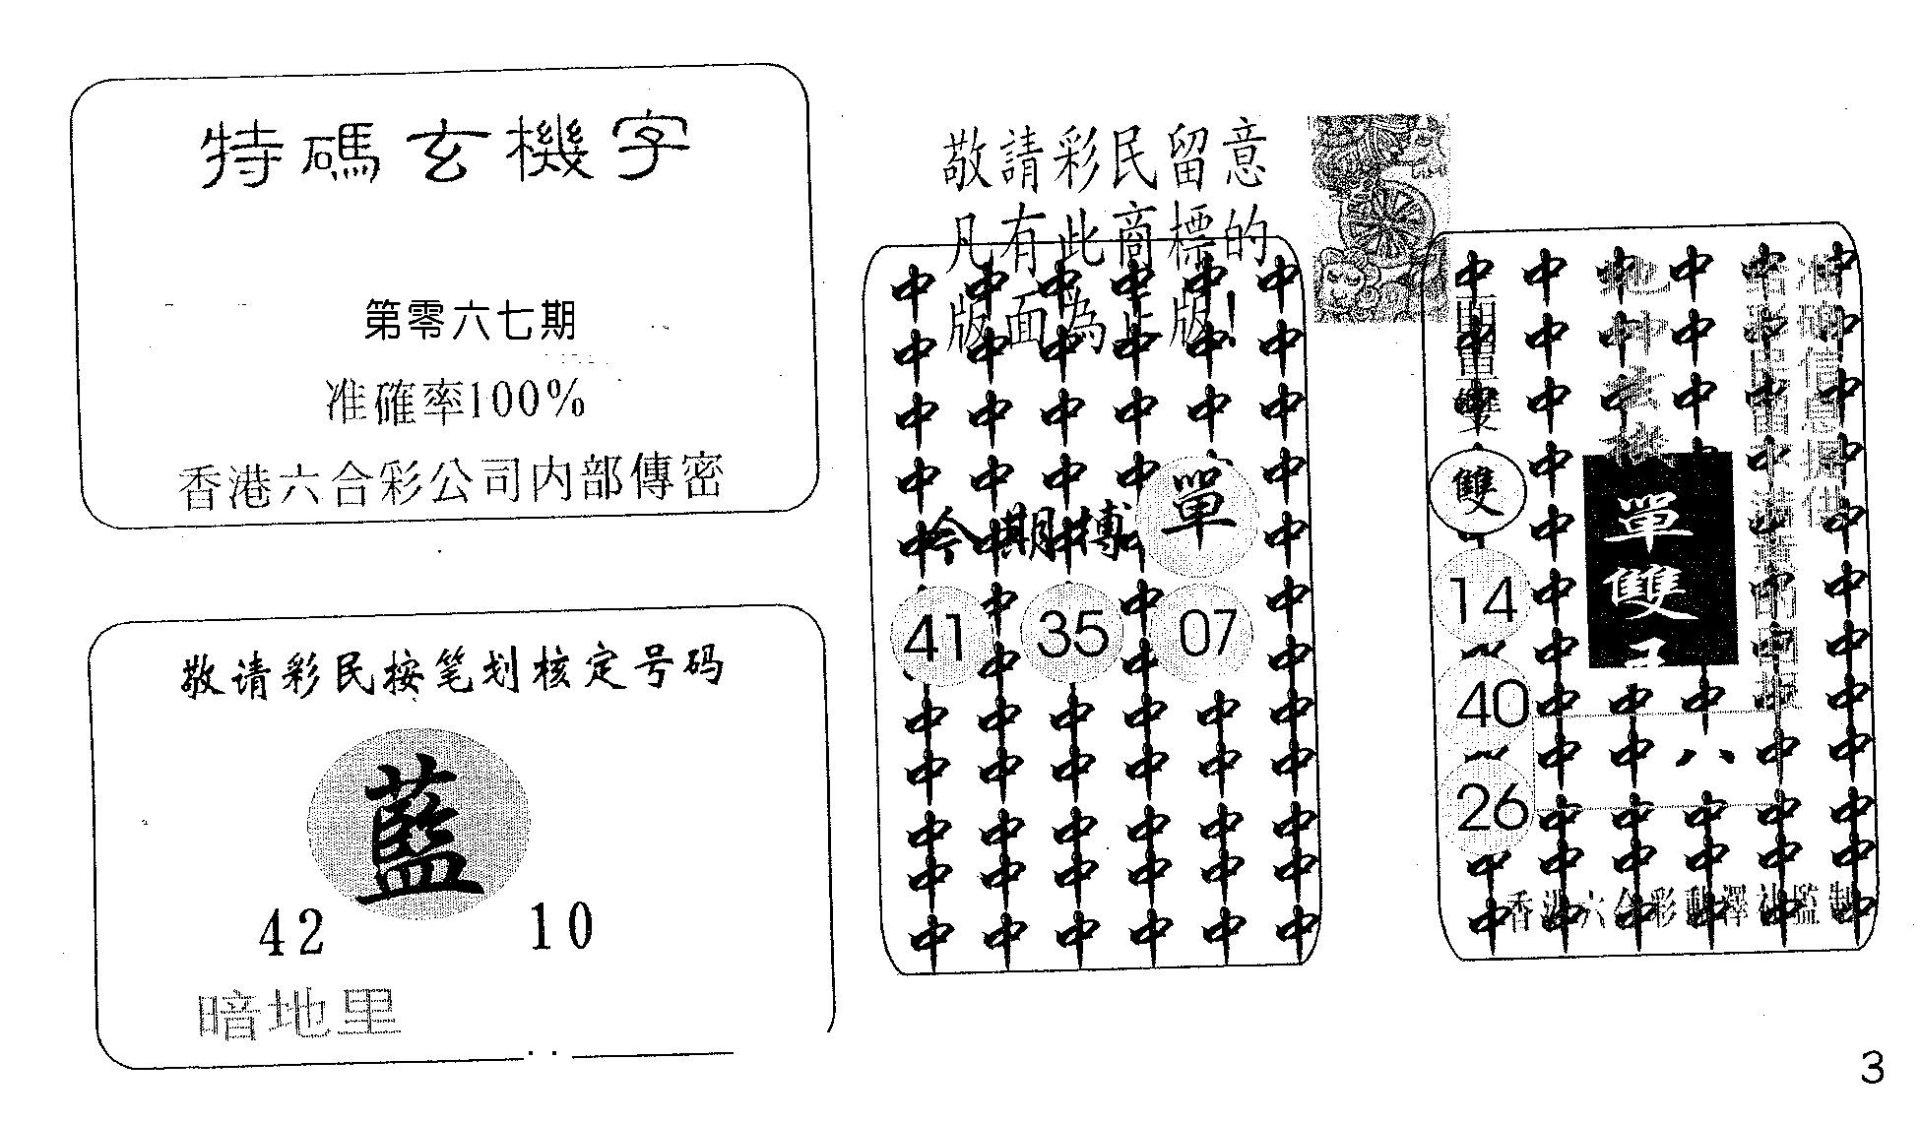 067期特码玄机字(黑白)